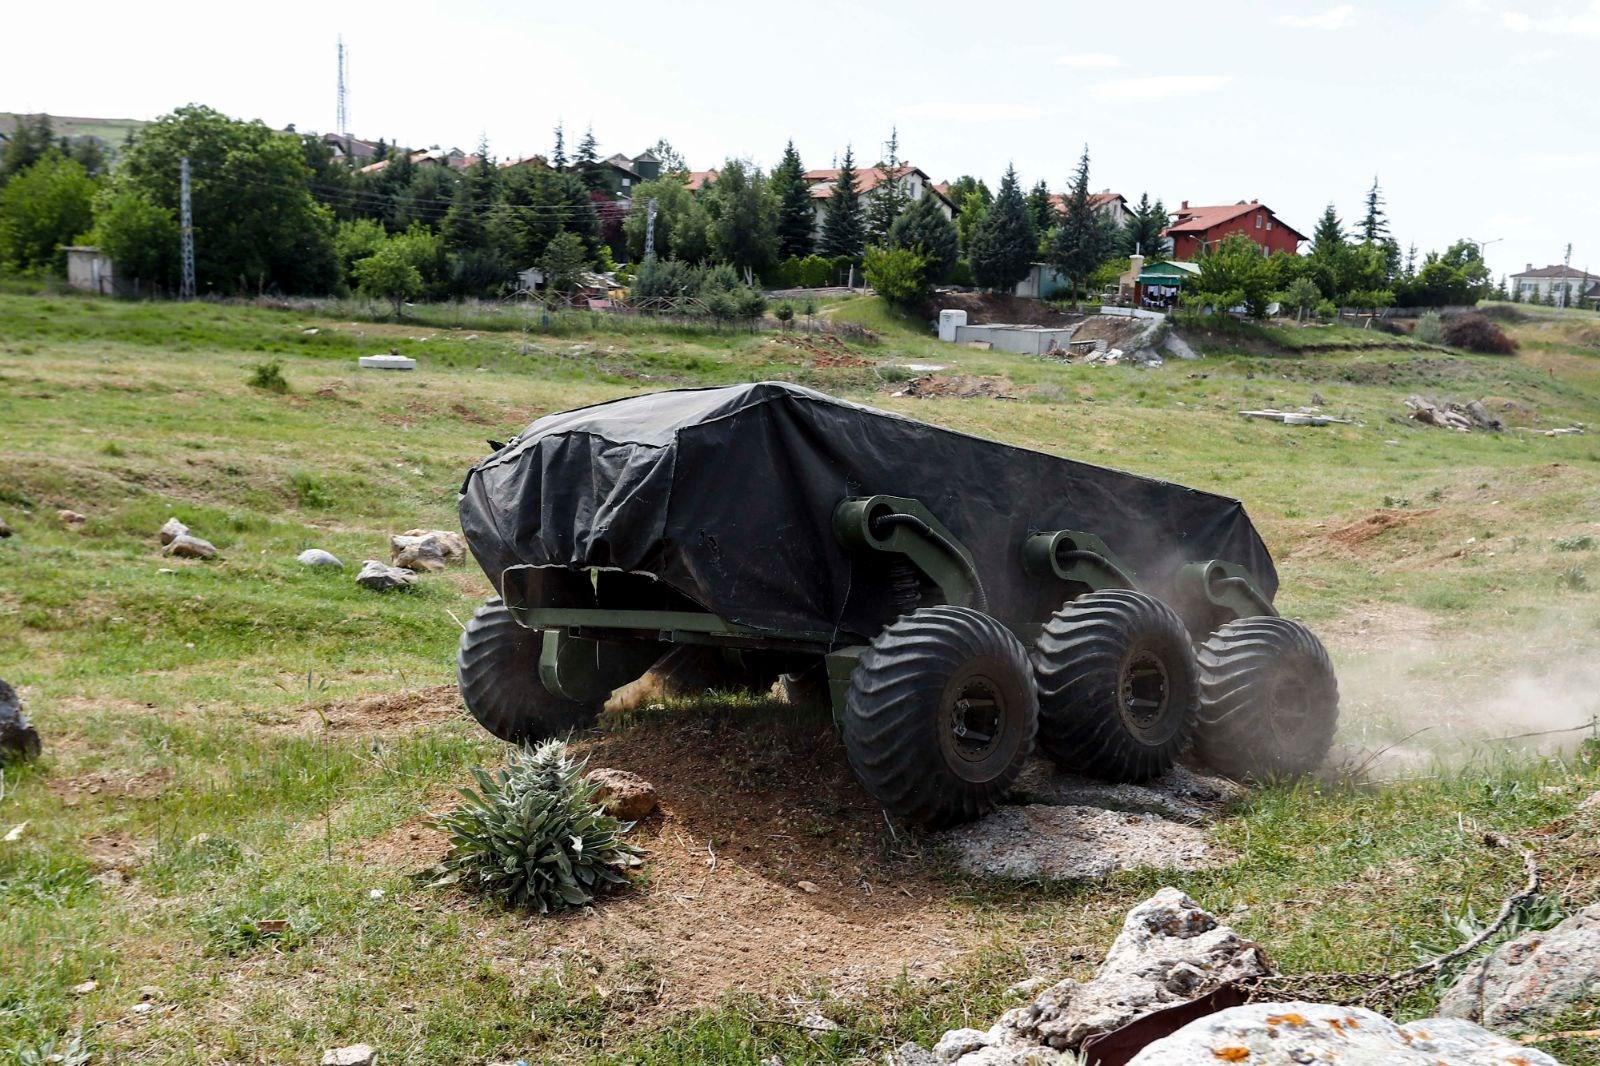 Firma sahibi Ferhat Uğur, ilk defa Uluslararası Savunma Sanayi Fuarı'nda (IDEF) sergilenen BOĞAÇ'ın sınır ötesinde ve sınırda, hatta talep edilen tüm özel alanlarda görev yapabileceğini söyledi. Ferhat Uğur, daha önce de Türk güvenlik güçlerinin ihtiyaçları doğrultusunda insansız bomba imha, mayın tarama ve silahlı operasyon robotları ürettiklerini belirterek, dünyada otonom sistemlere geçişin şart olduğunu ifade etti.